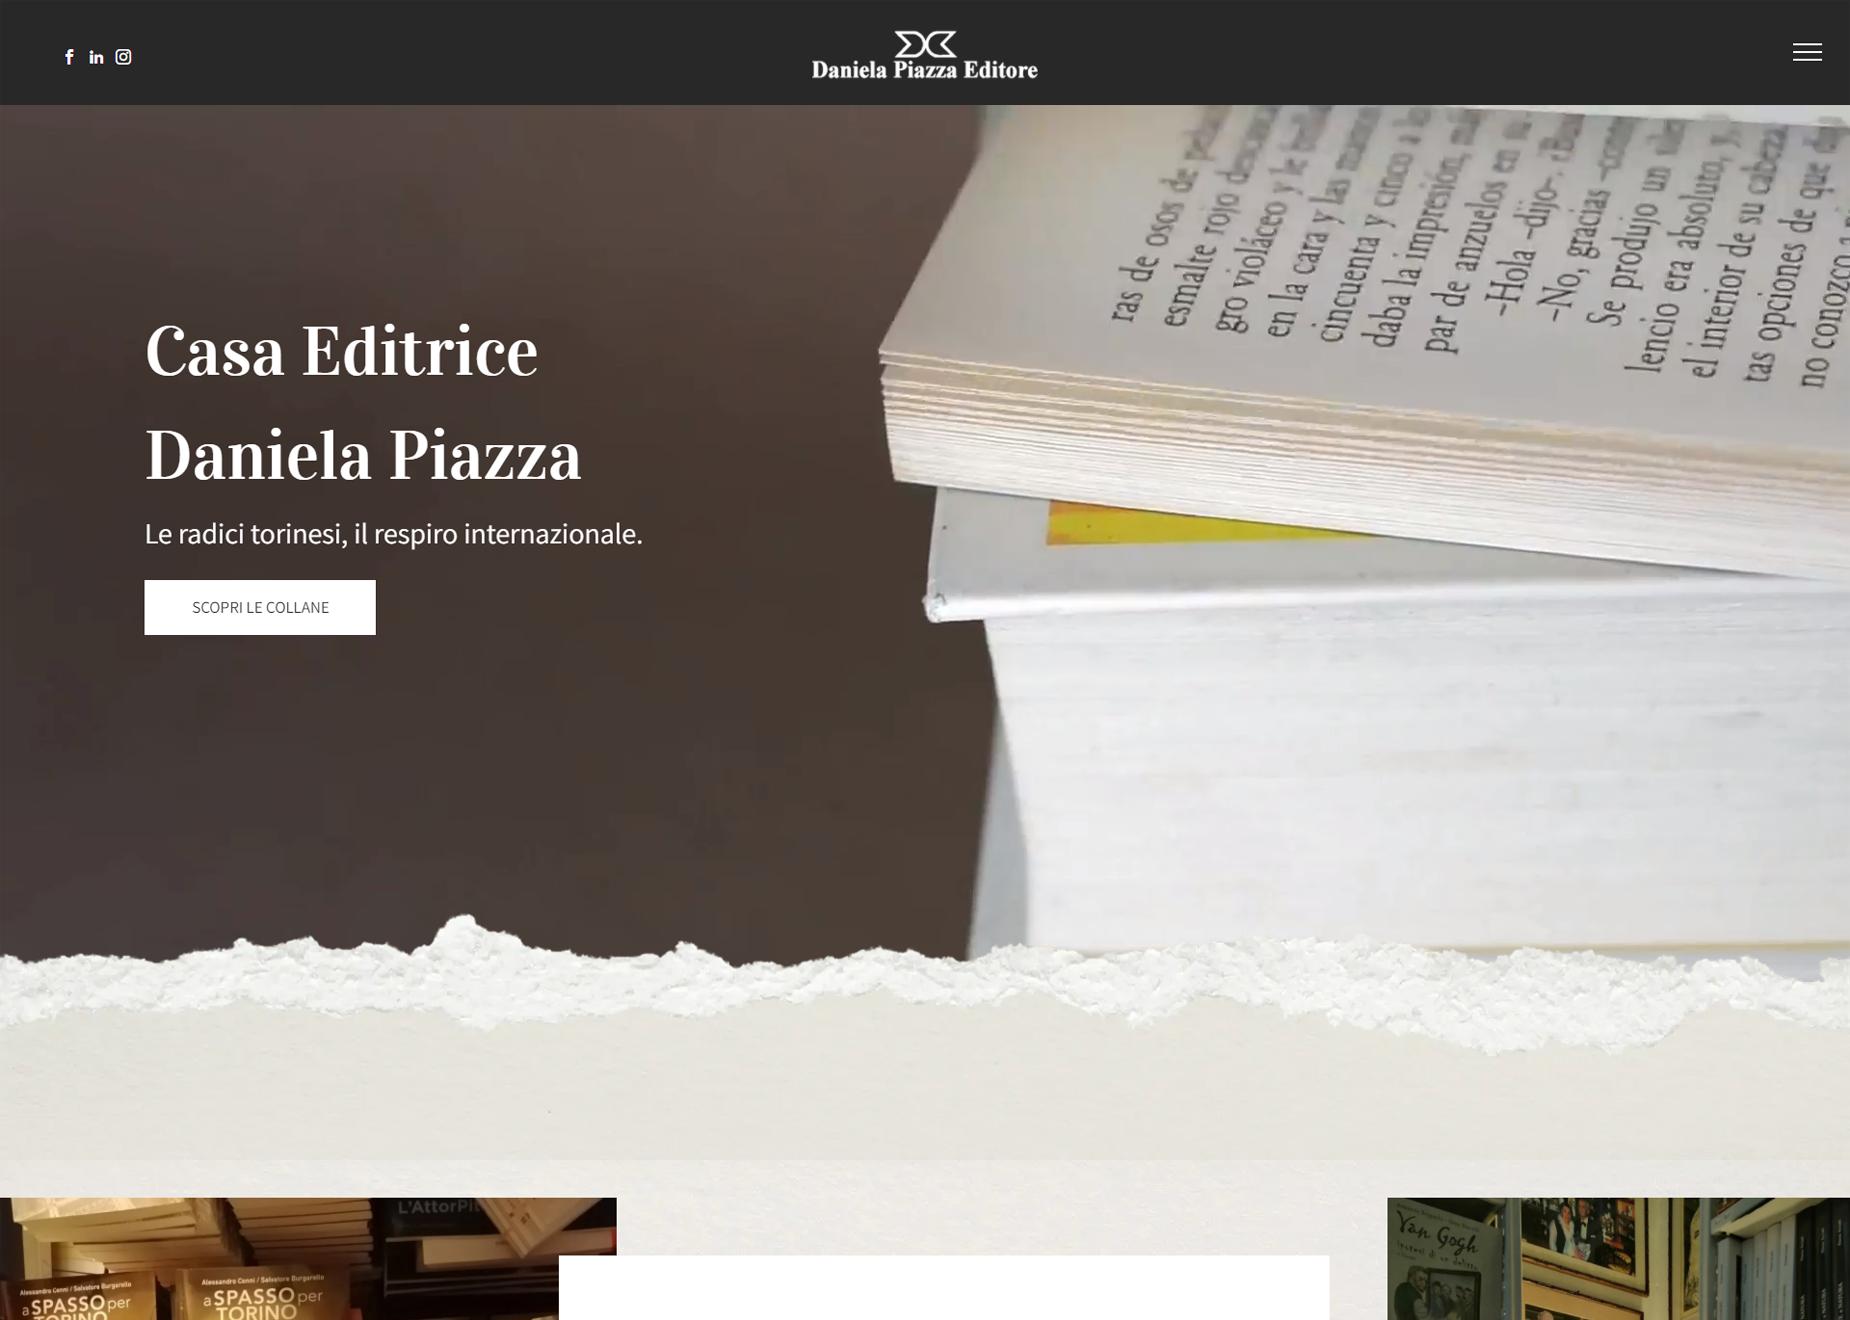 Daniela Piazza Editore